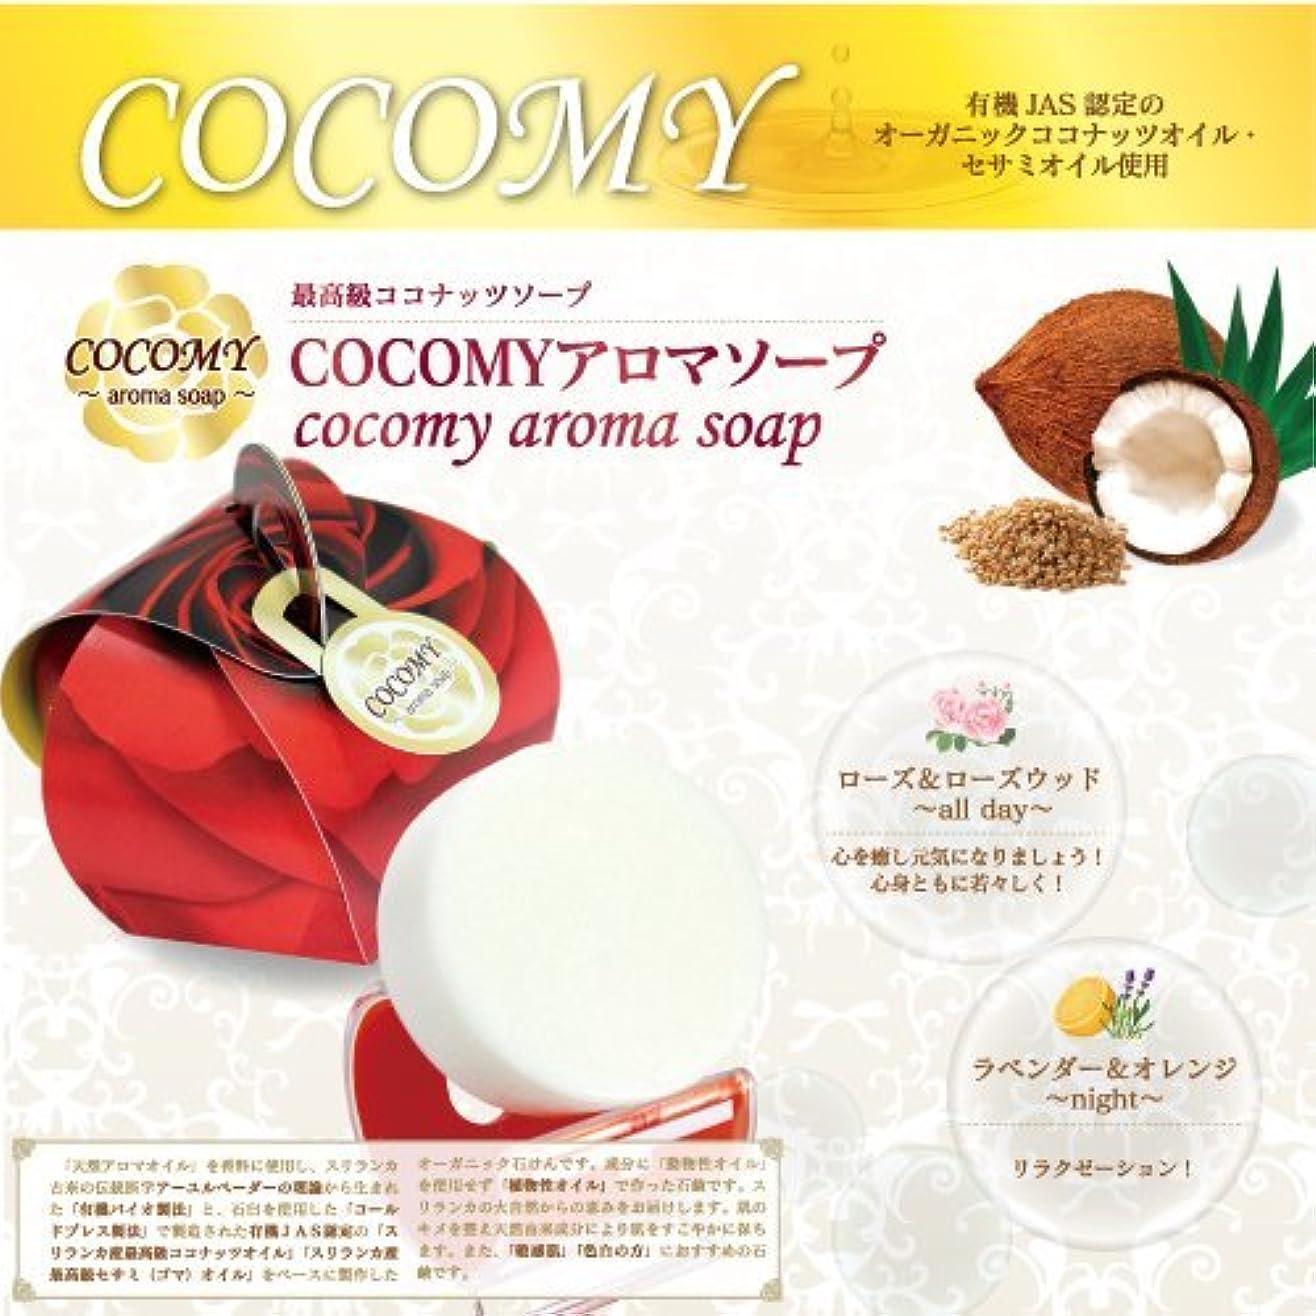 白い説教キリスト教COCOMY aromaソープ 2個セット (ラベンダー&オレンジ)(ローズ&ローズウッド)40g×各1